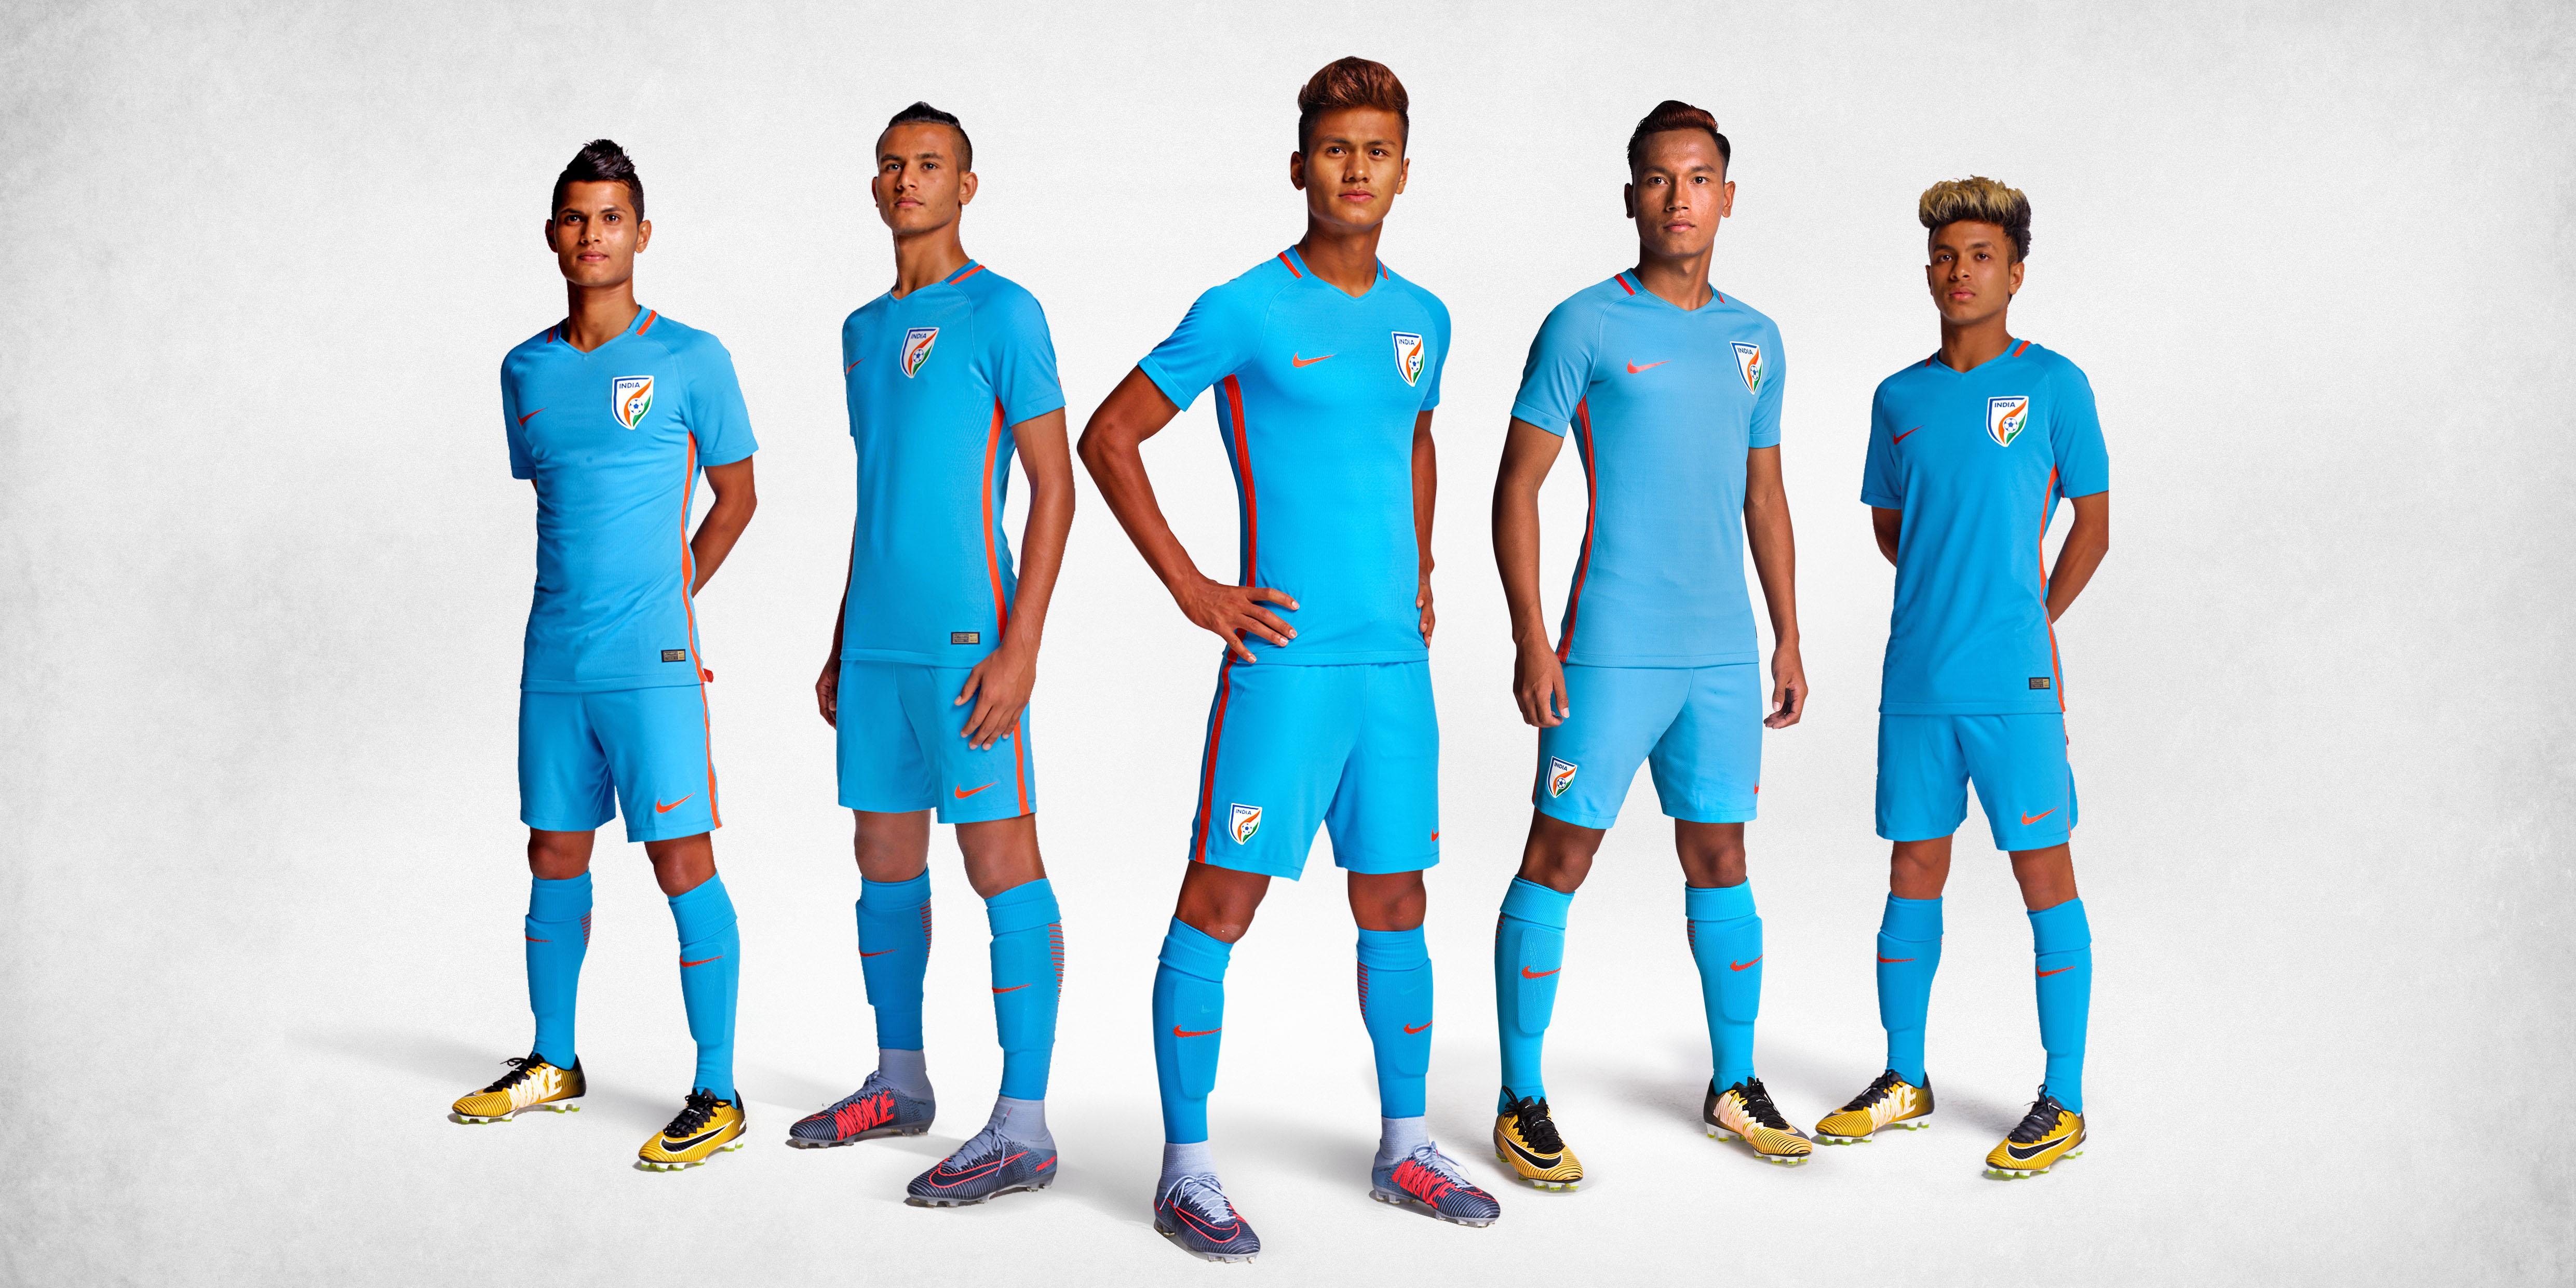 India U17 nike jersey